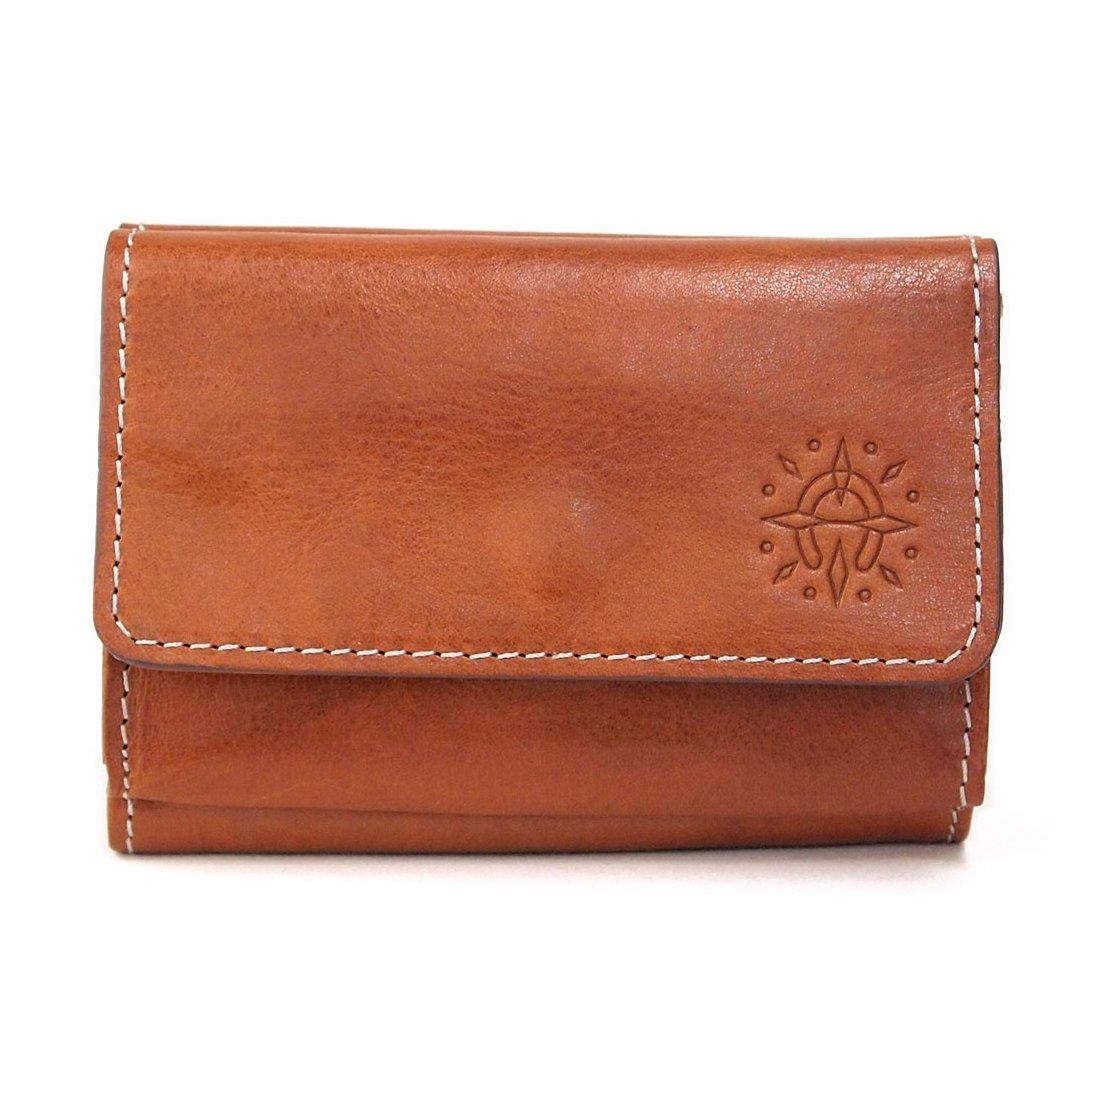 (ダコタ) Dakota フォンス 三つ折り財布/3つ折り財布 0035890/0034890 B00N0KFQNS ブラウン ブラウン